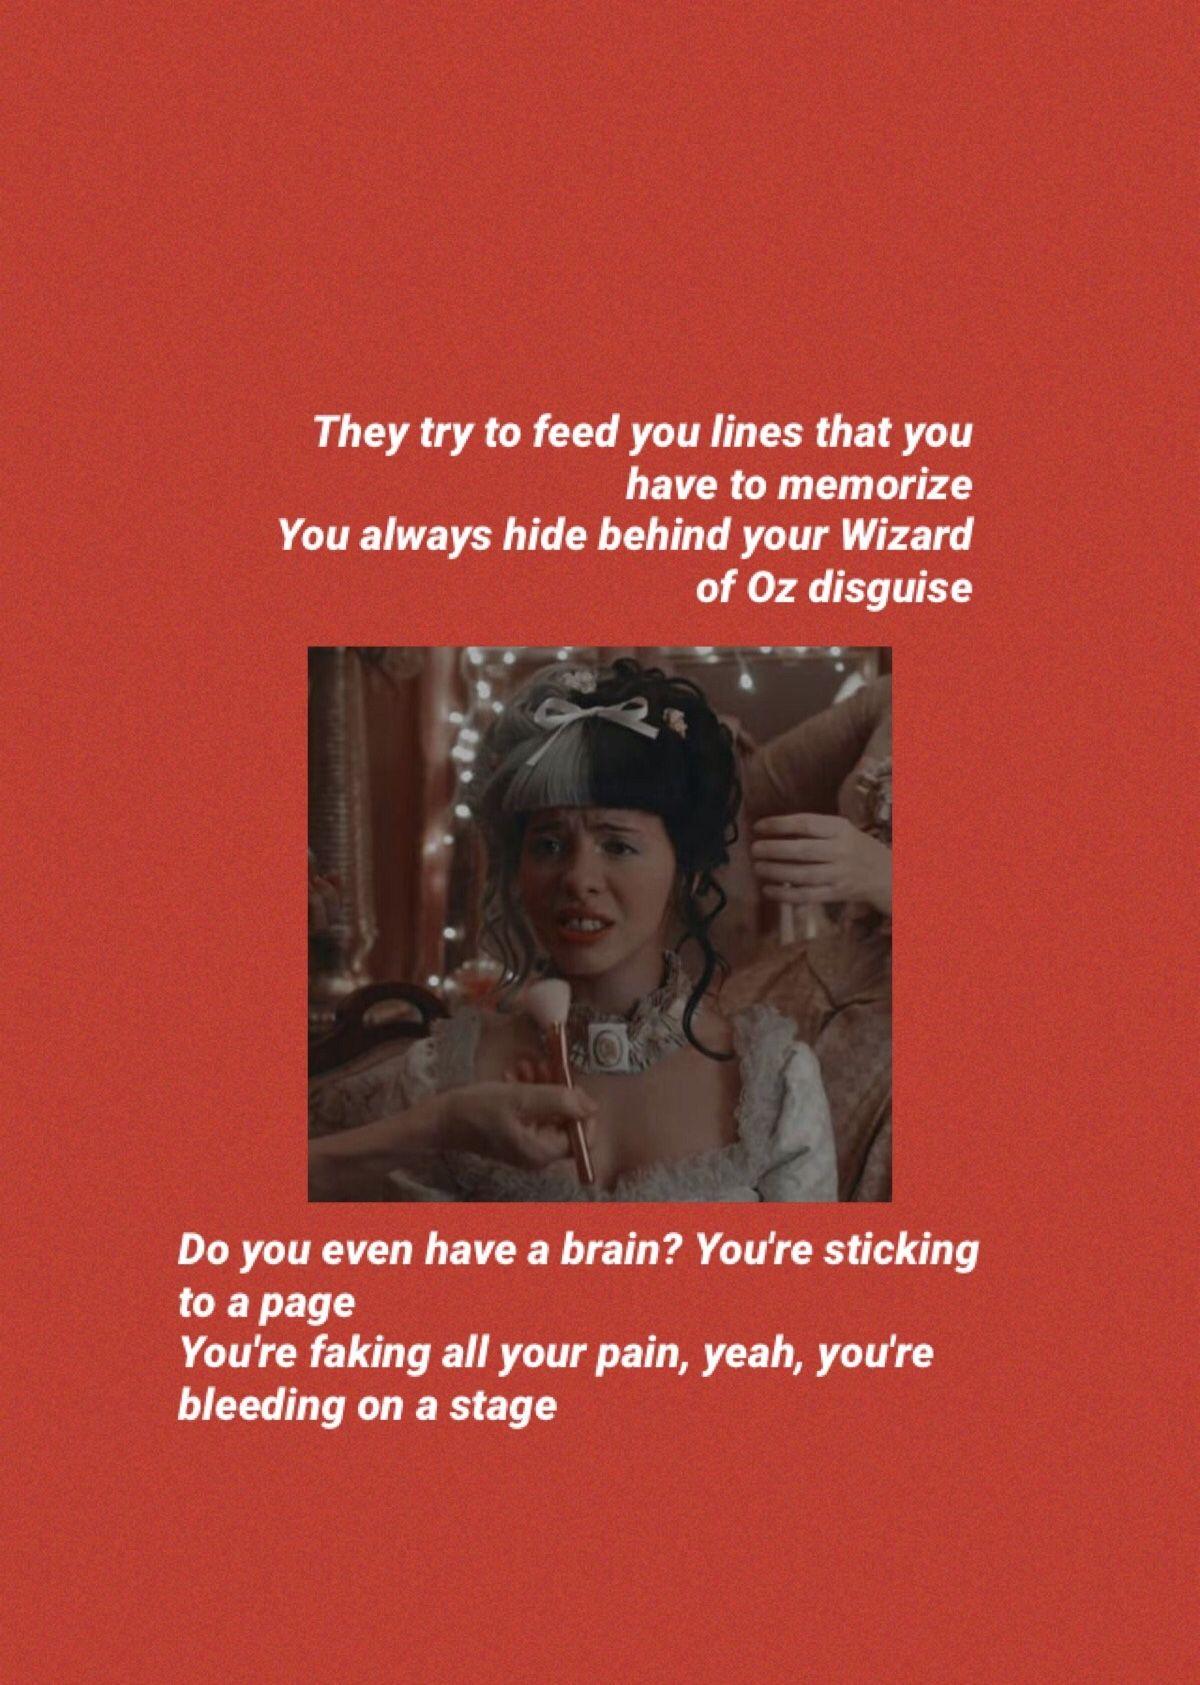 Drama Club Melanie Martinez Lyrics Melanie Martinez Lyrics Melanie Martinez Songs Melanie Martinez